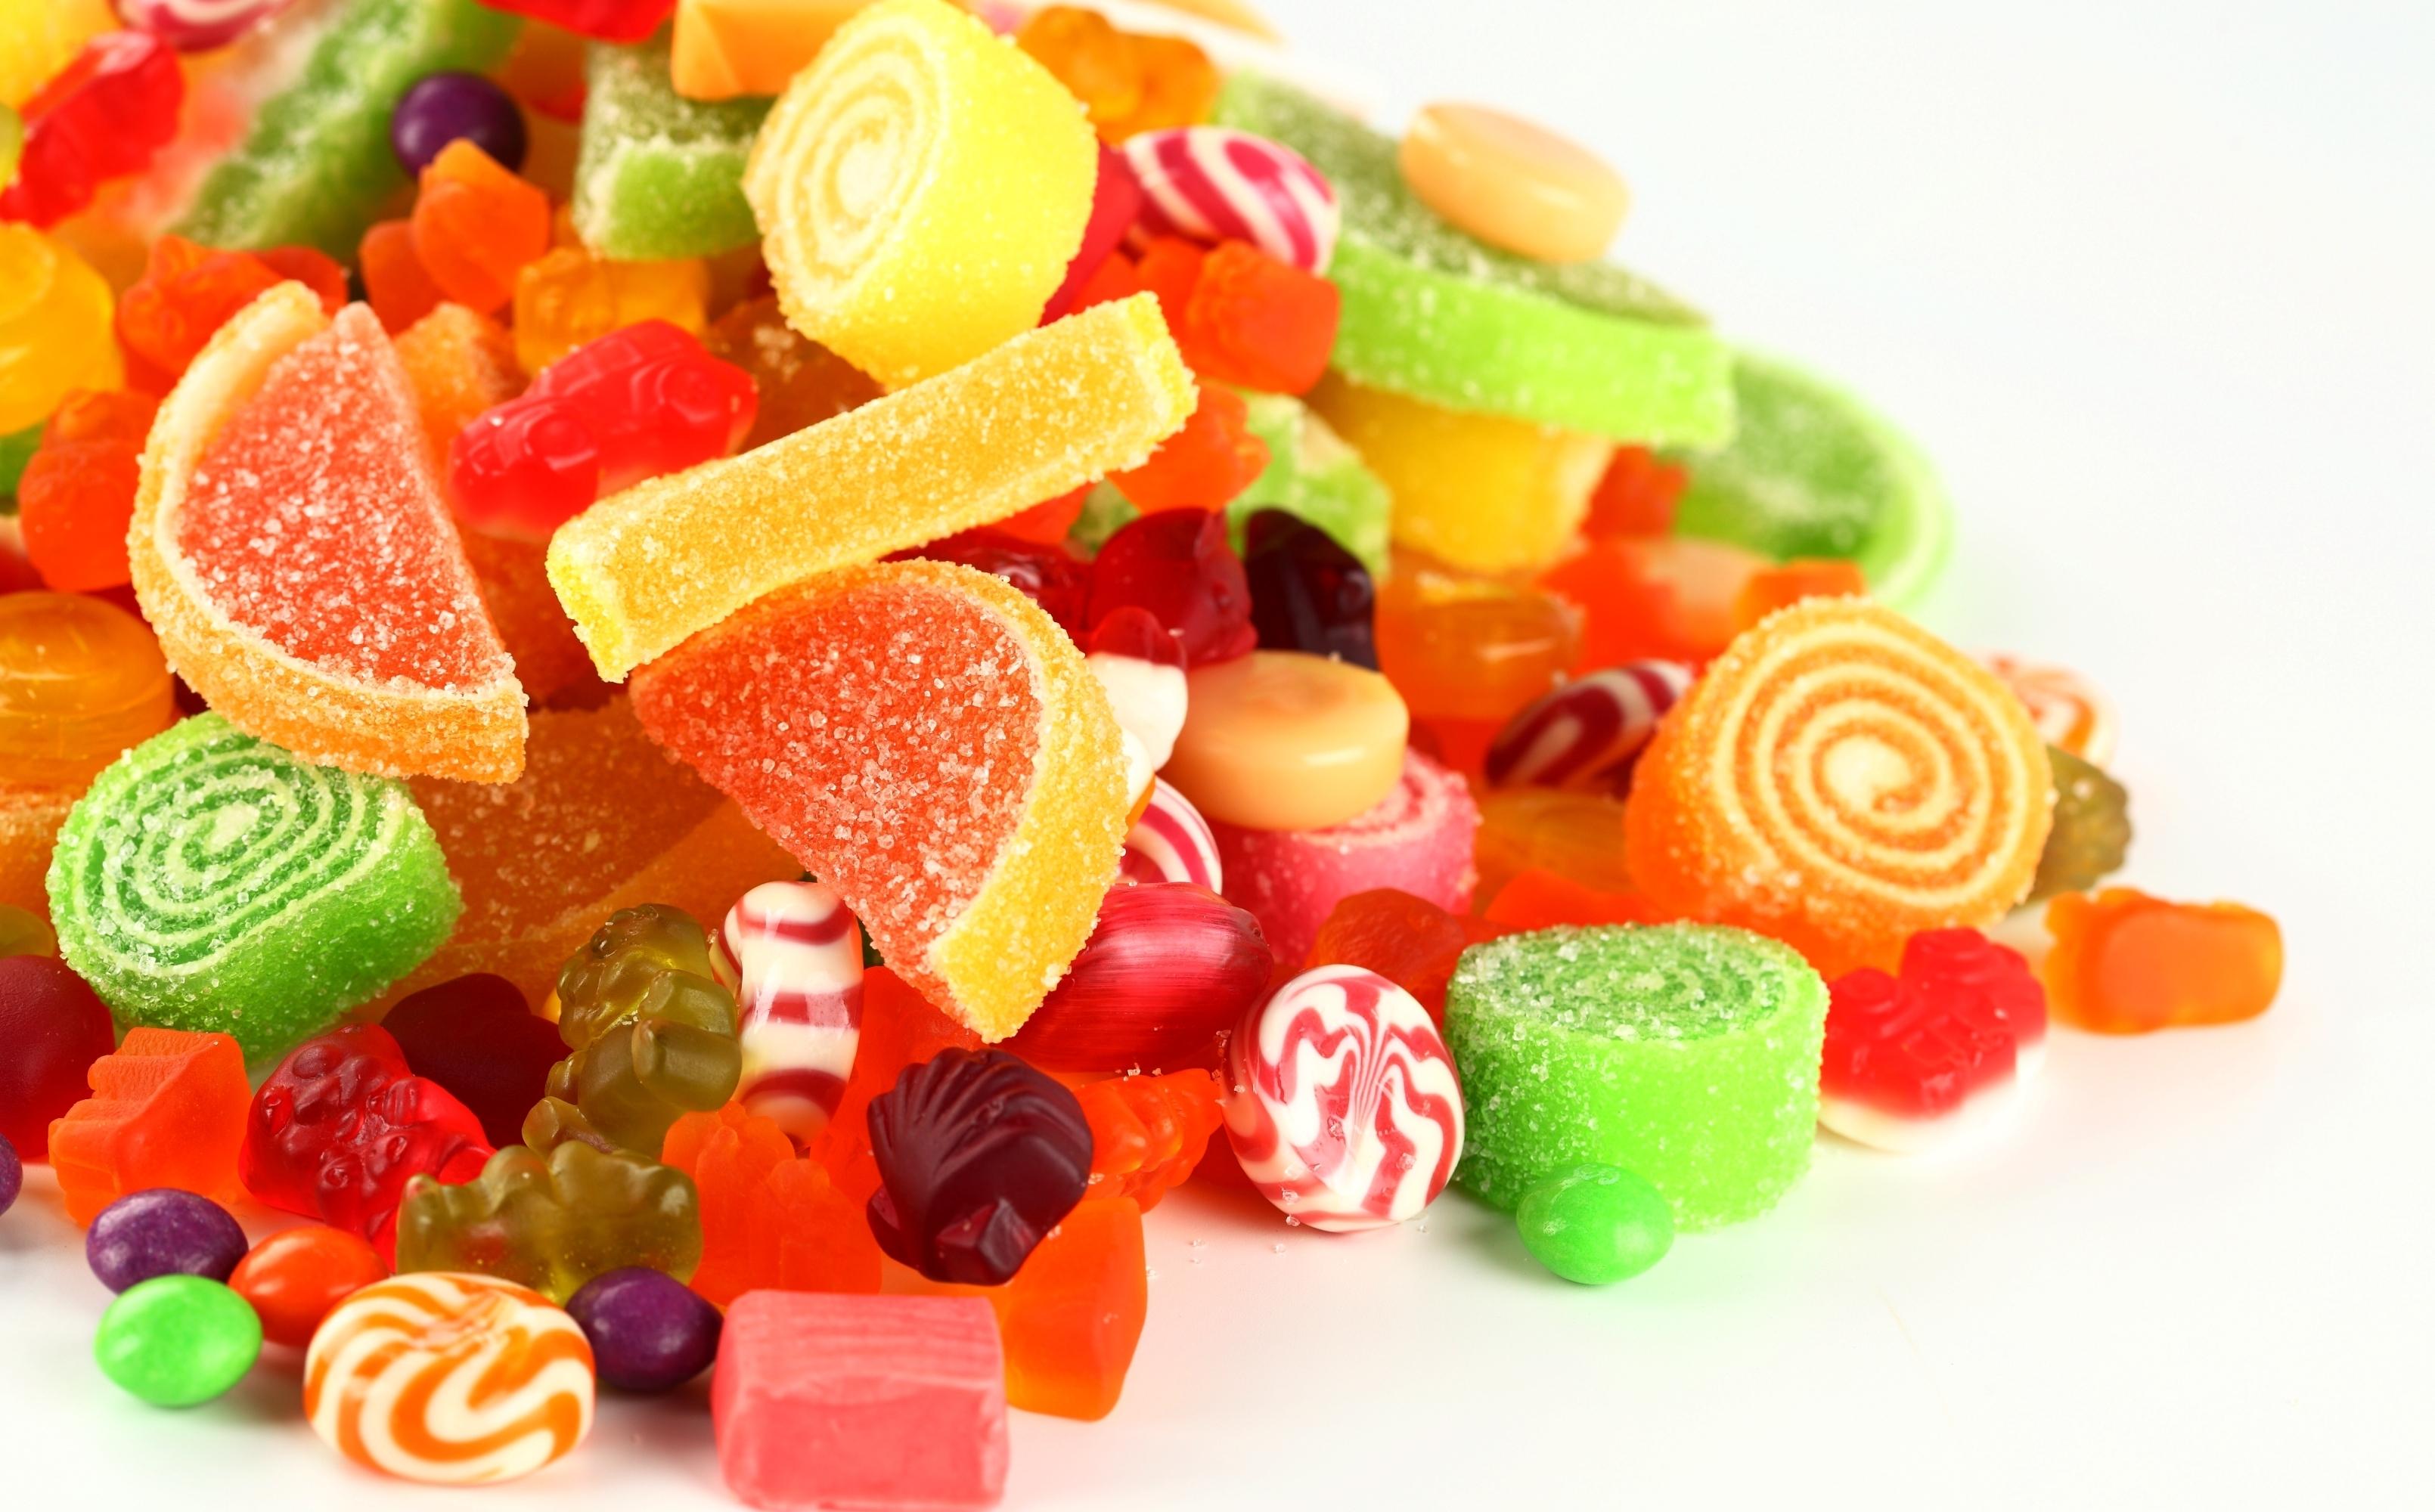 Фото сладкие конфетки 3 фотография